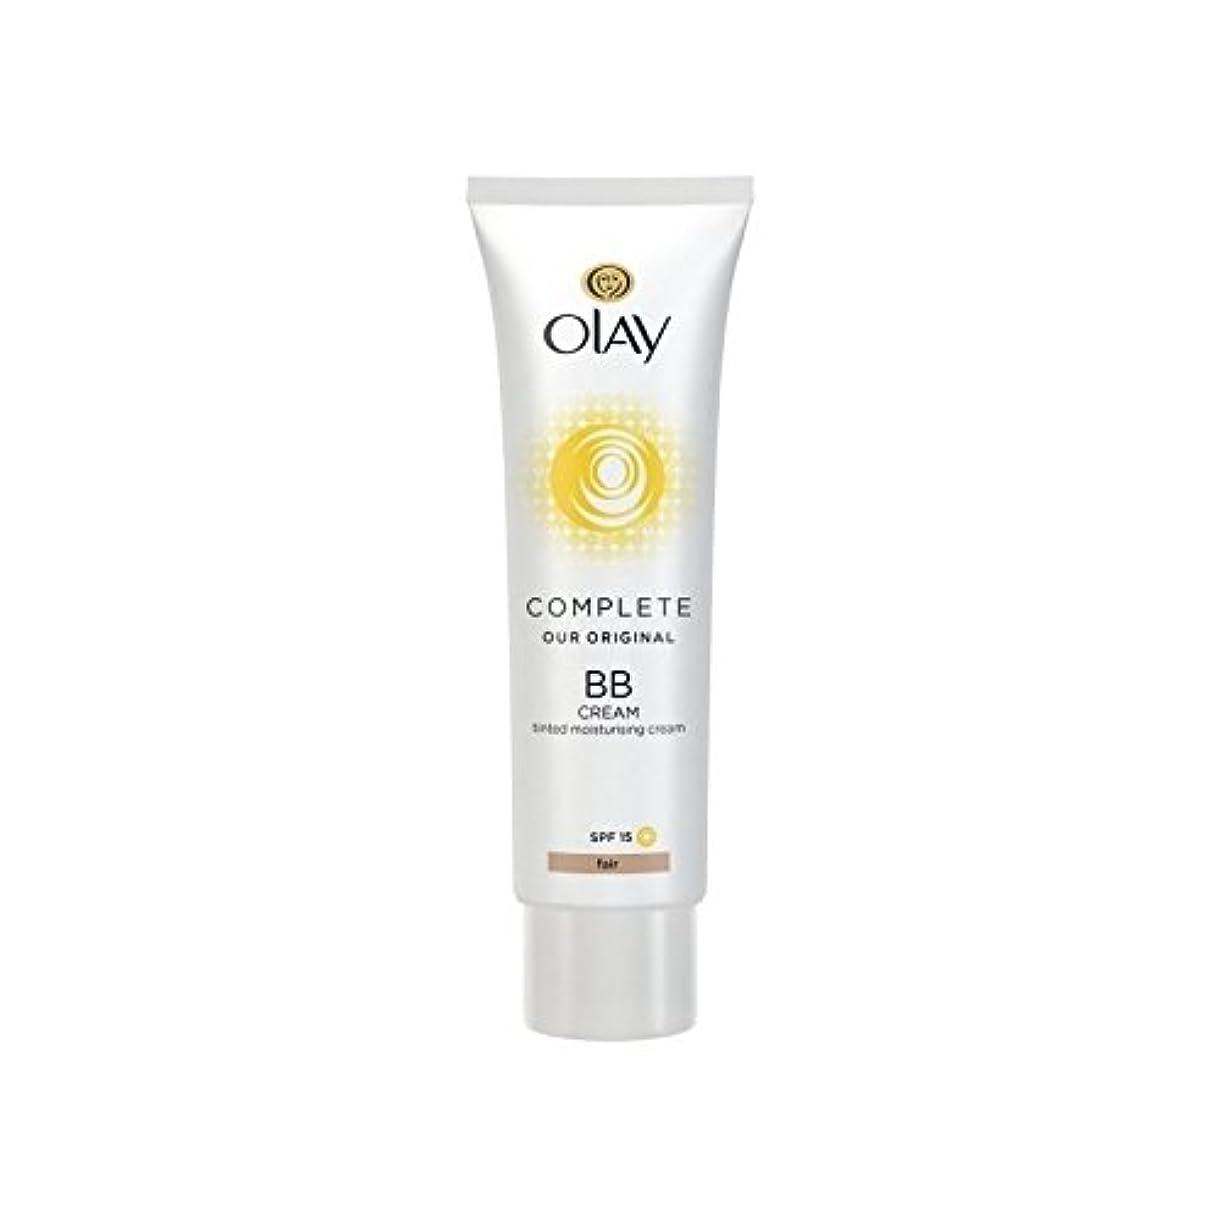 安いです常識悲惨なOlay Complete BB Cream Fair SPF15 50ml (Pack of 6) - オーレイ完全なクリーム15フェアの50ミリリットル x6 [並行輸入品]